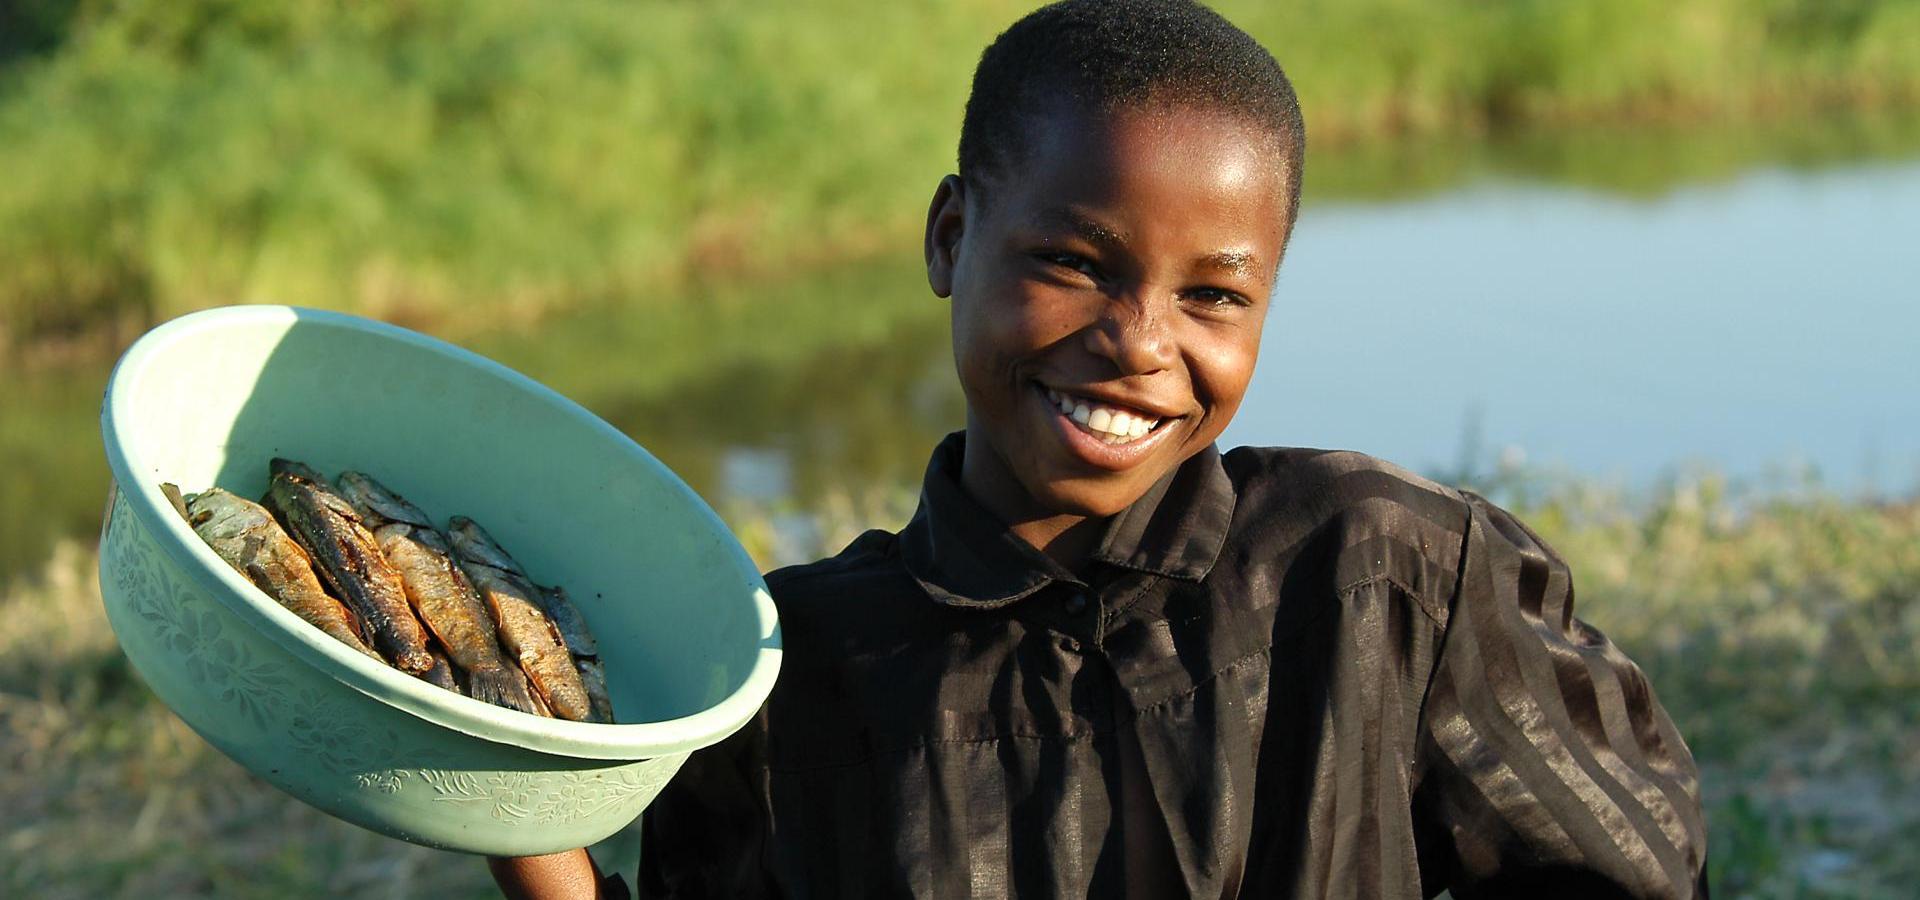 Fischverkäufer - Malawi Urlaub & Reisen